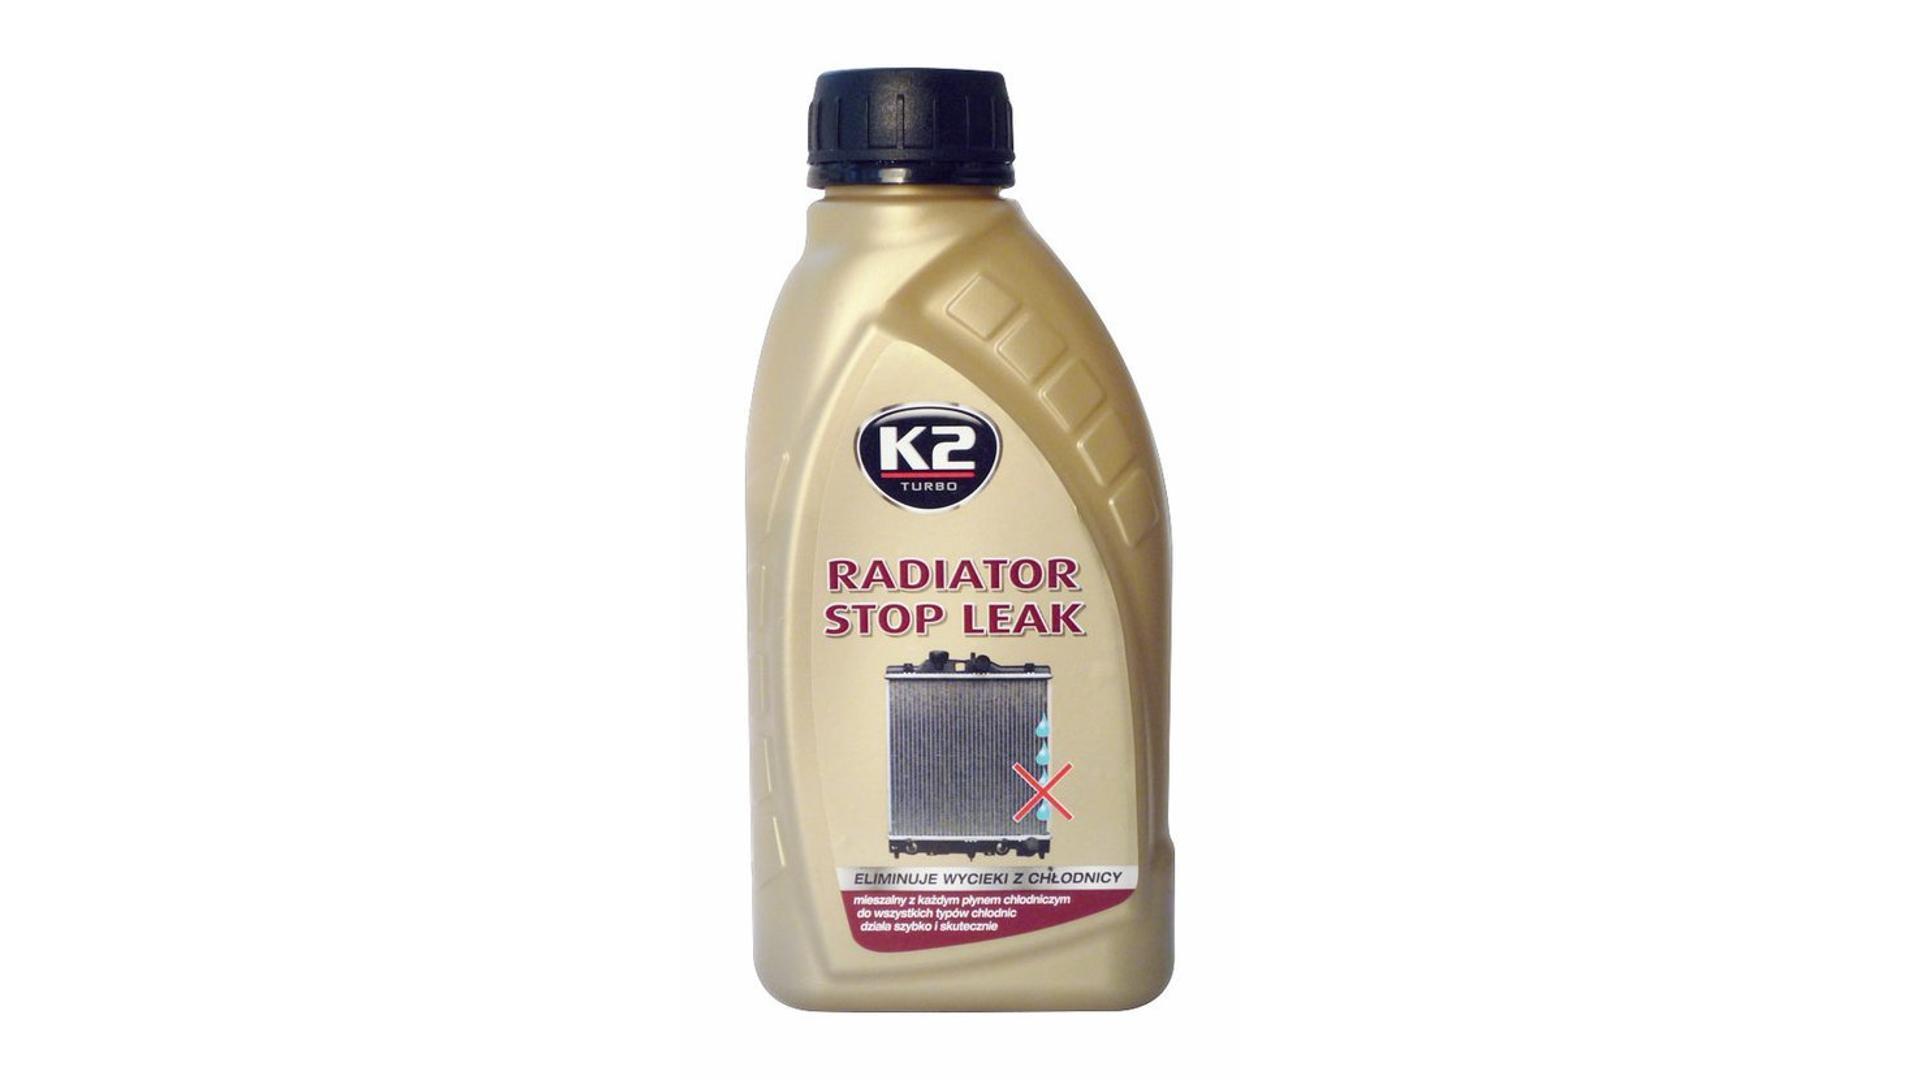 K2 RADIATOR STOP LEAK 400ml - utěsňovač chladiče a chladicího systému